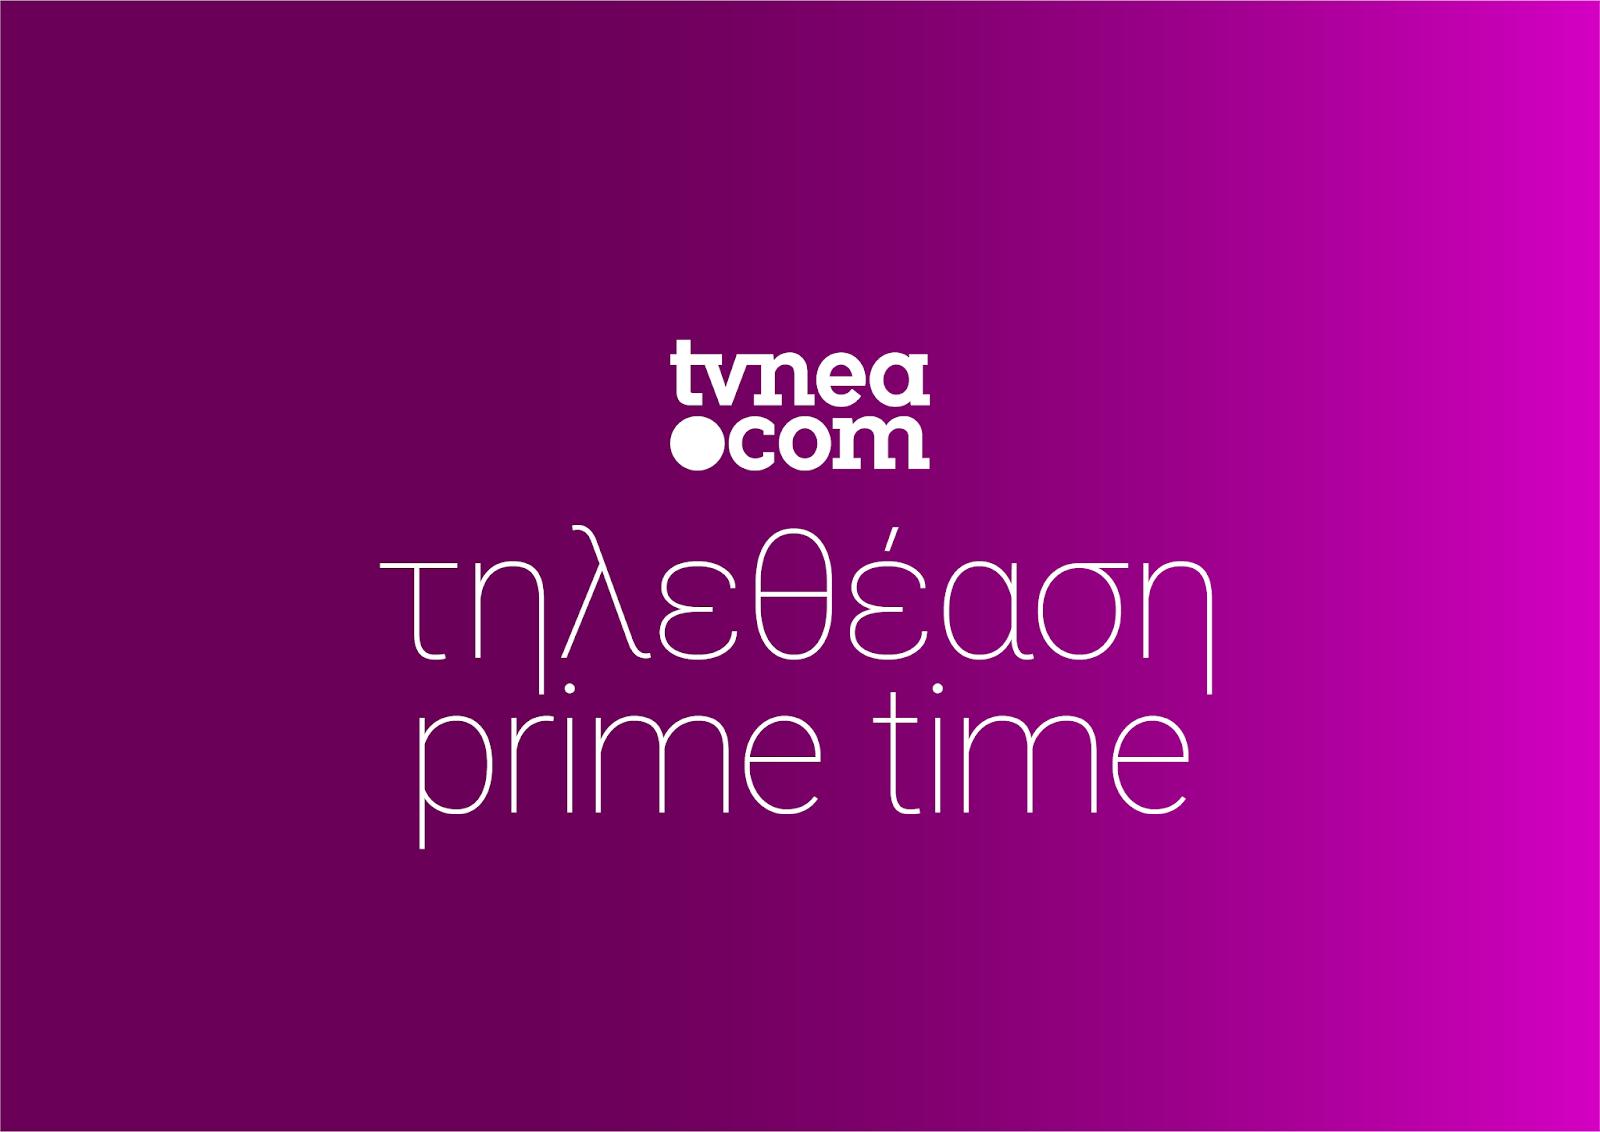 Η μάχη στο PRIME TIME... - Φωτογραφία 1